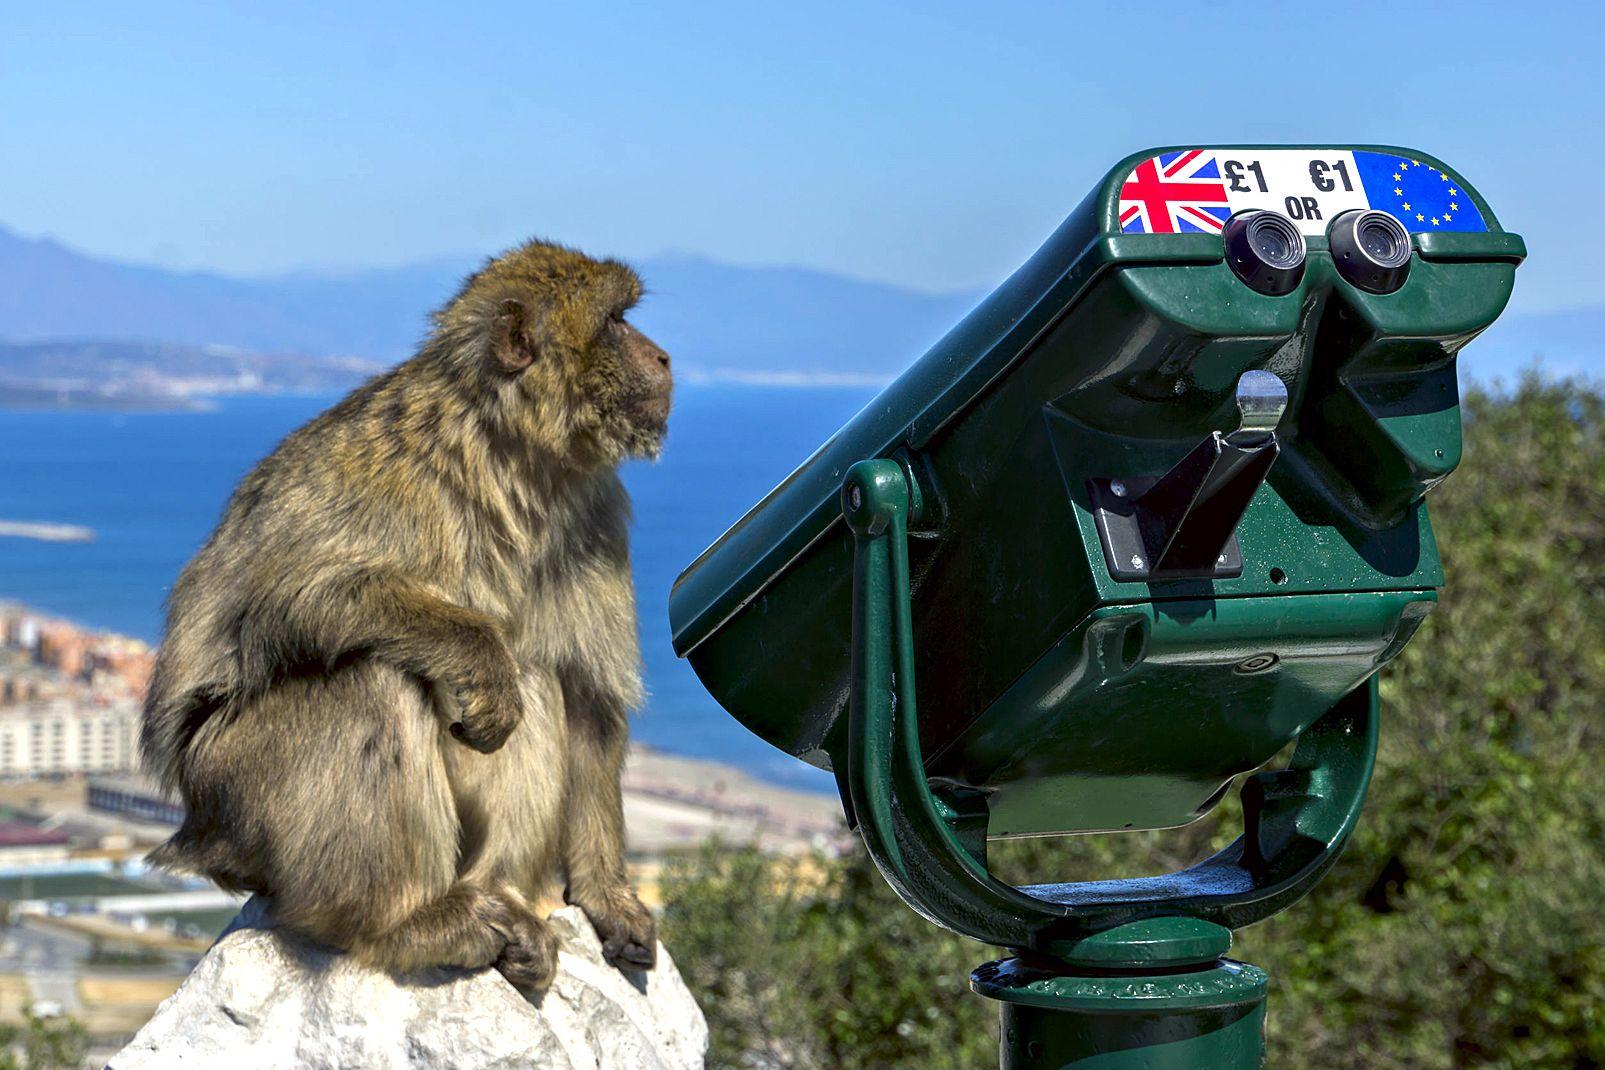 upper, rock, nature, reserve, rocher, singe, telescope, gibraltar, europe